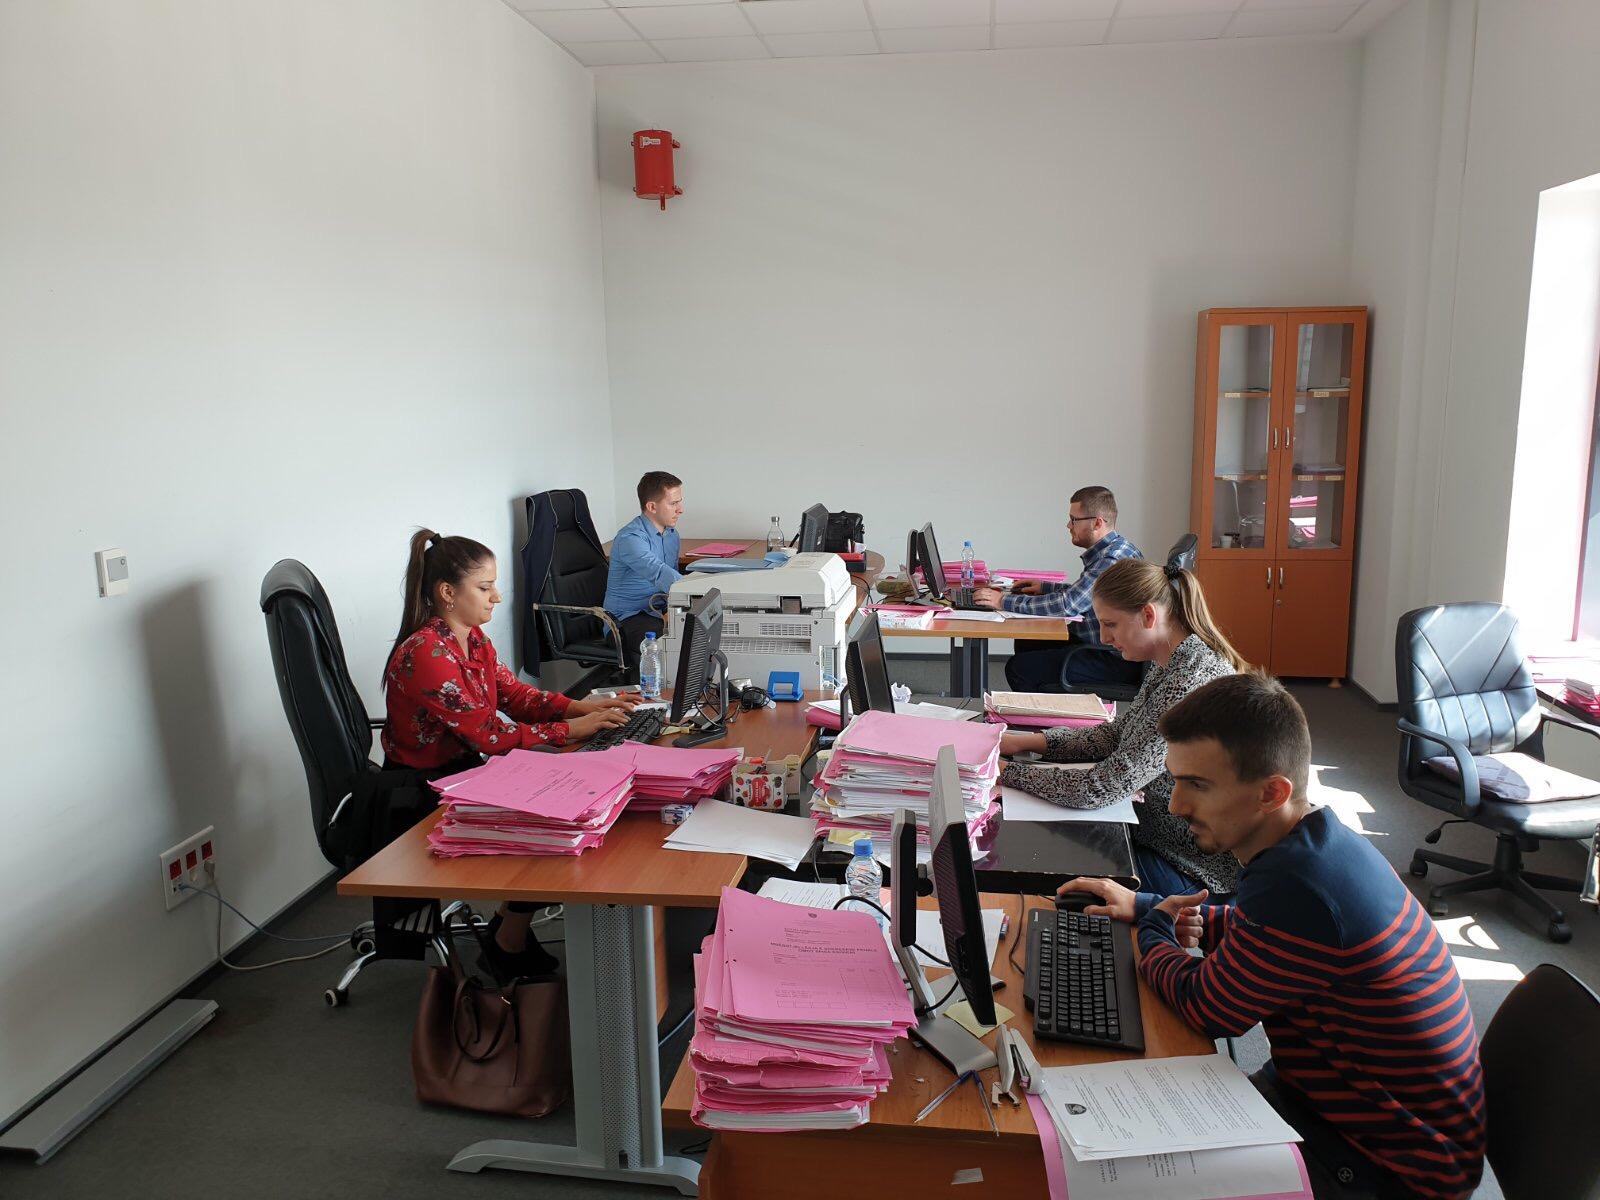 Këshilli Gjyqësor i Kosovës rritë numrin e zyrtarëve për regjistrimin e lëndëve të vjetra në SMIL në Gjykatën Themelore Prishtinë